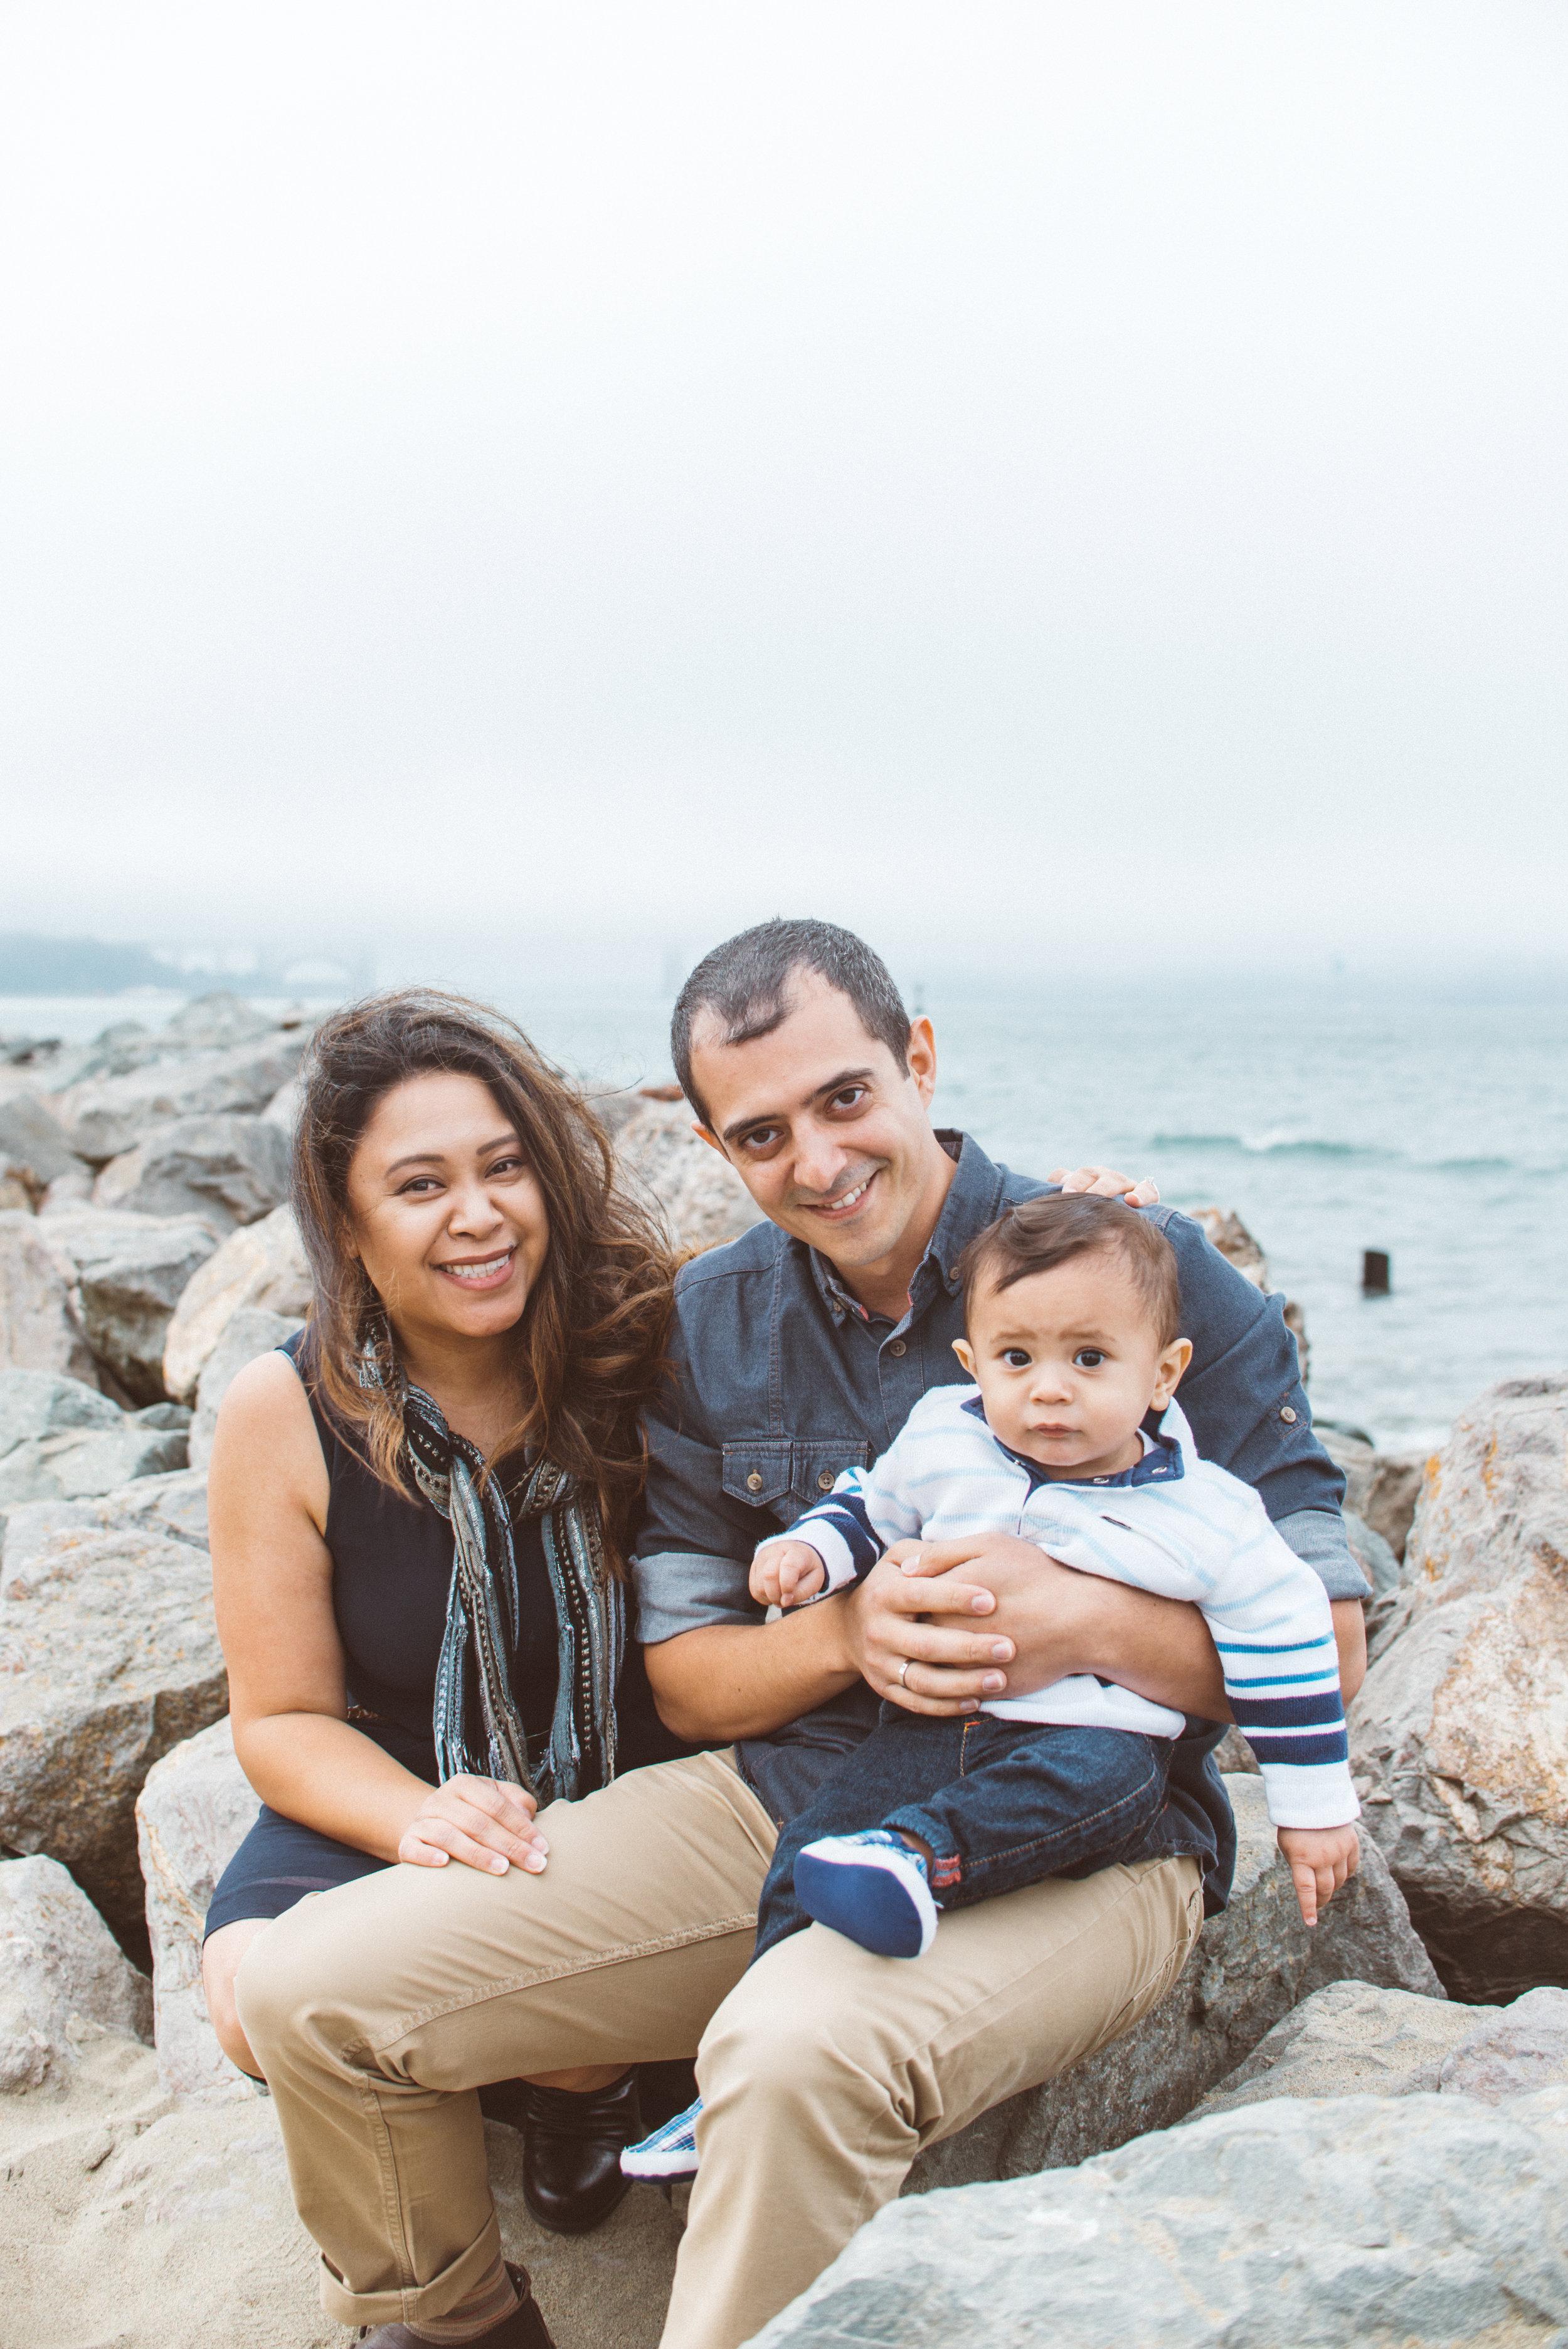 Family Photography - LUMA Photography San Francisco